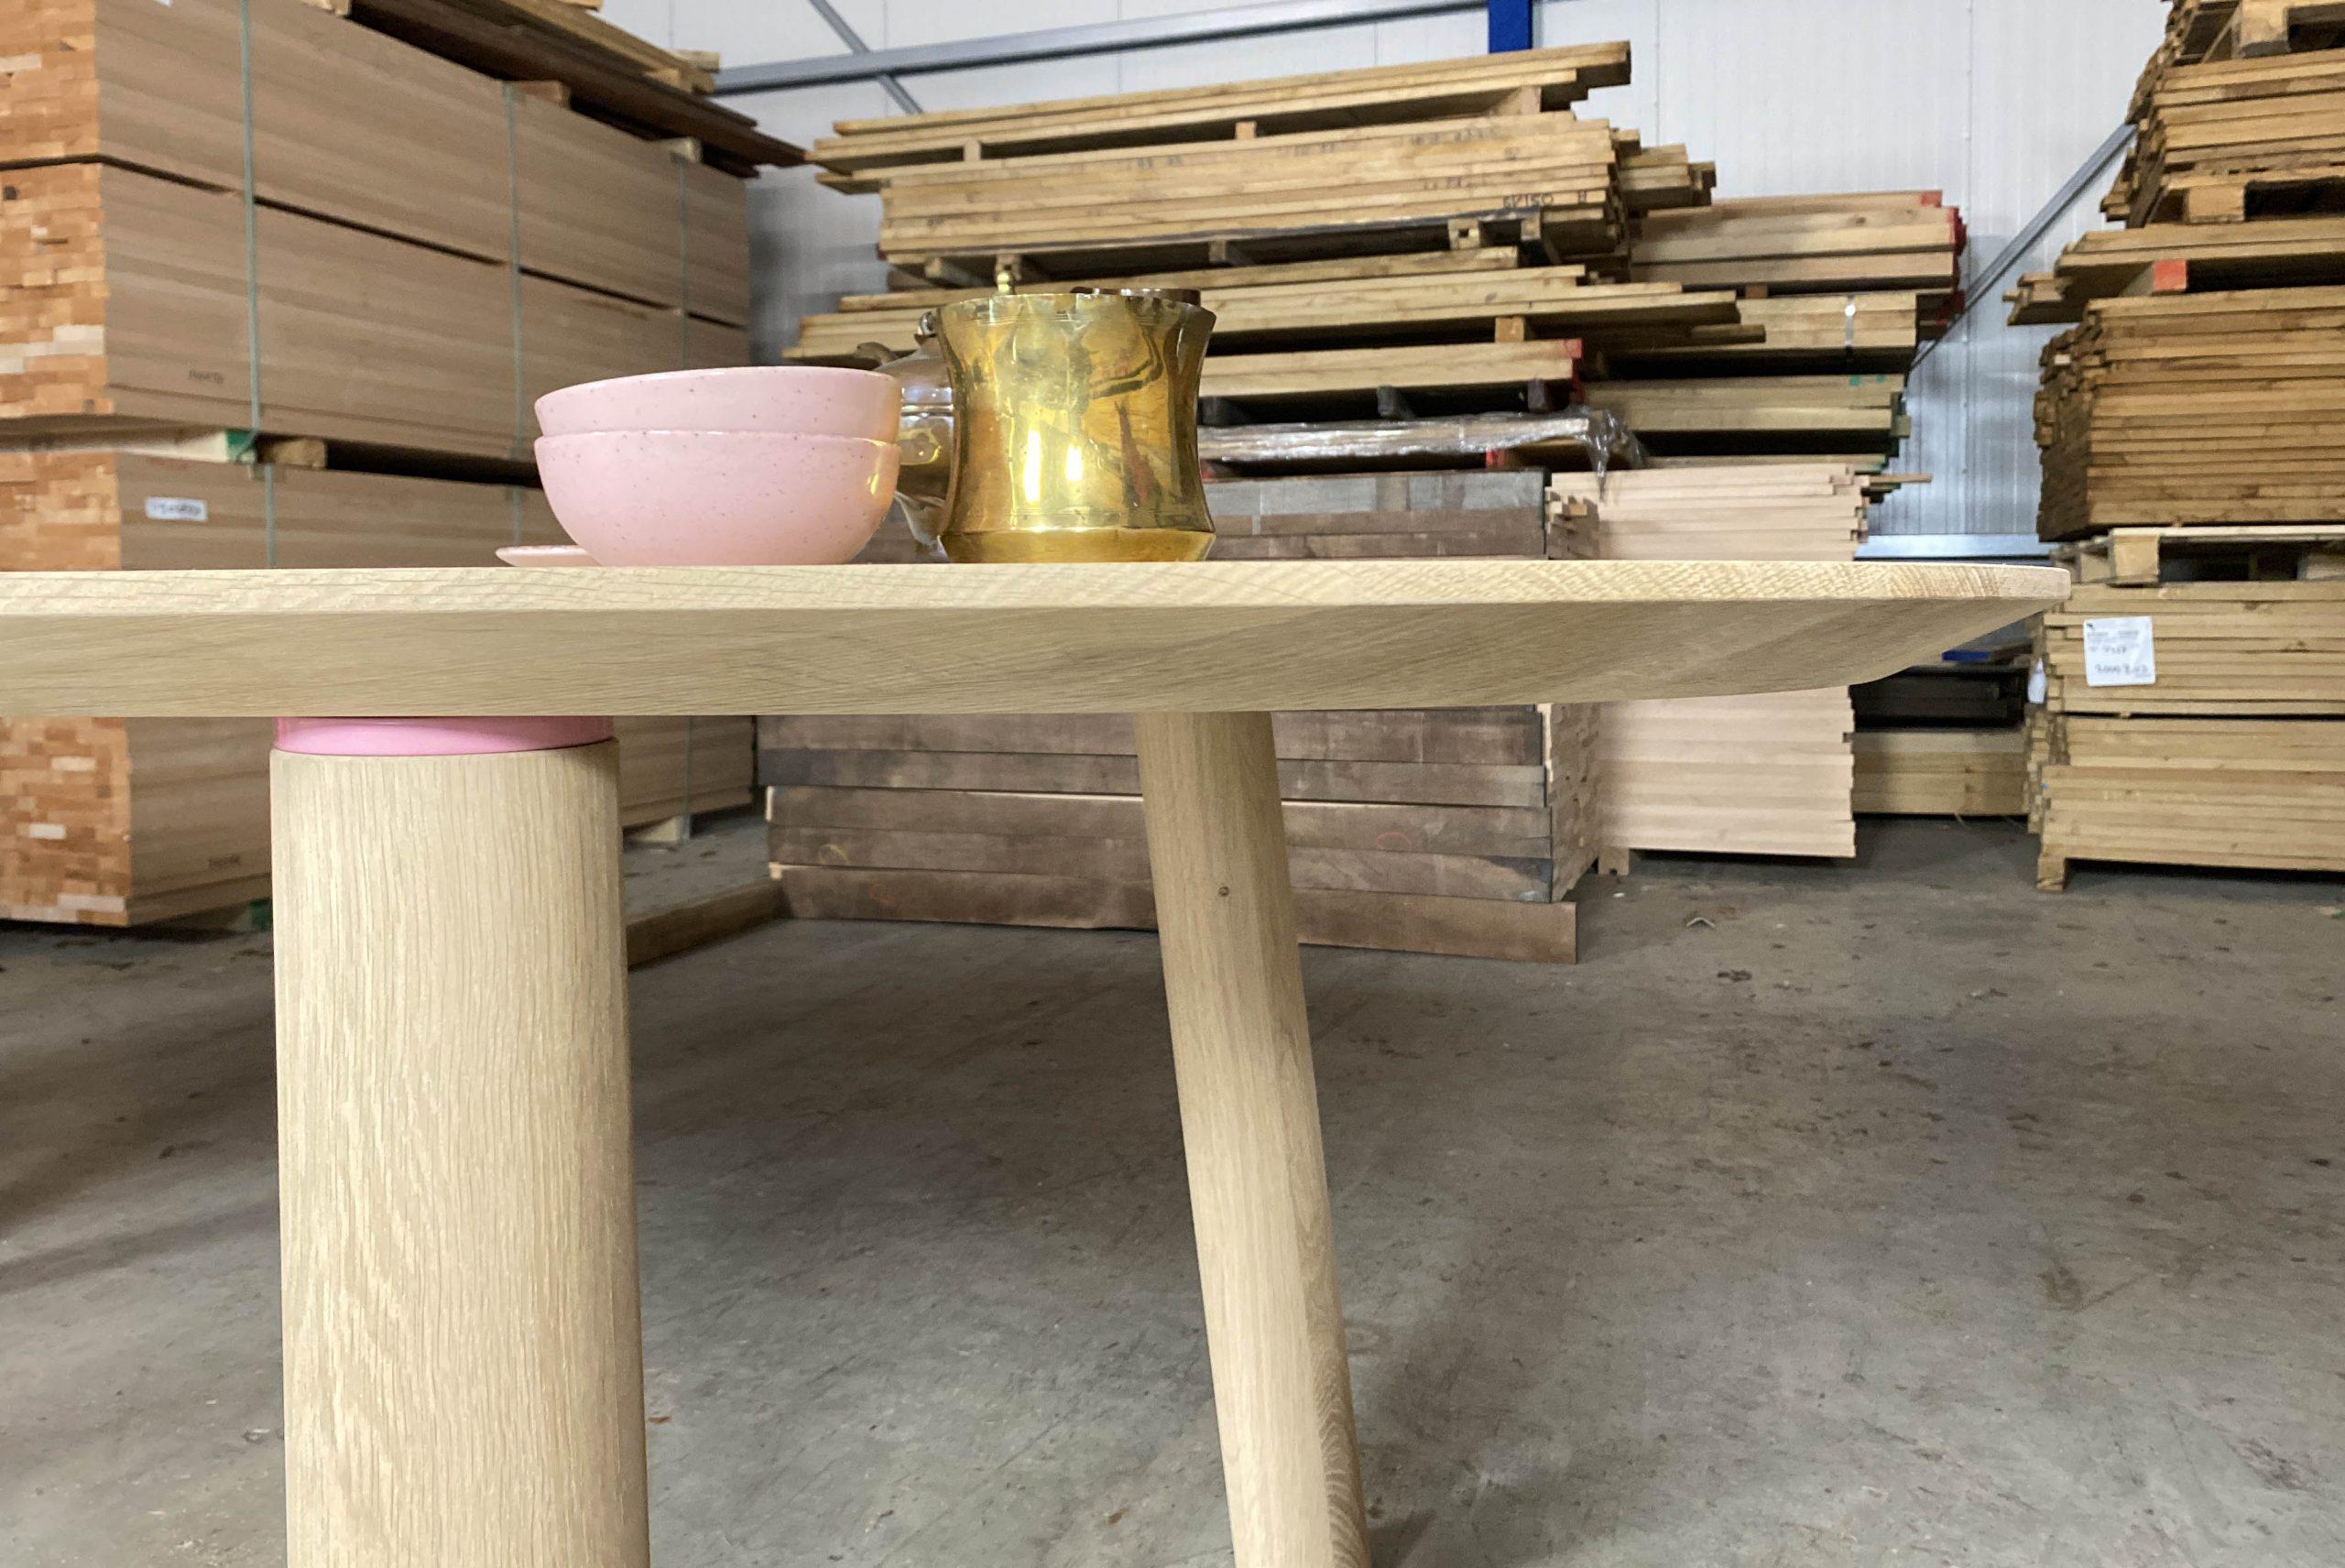 1101-2-design-eettafel-disque-detail-pootverbinding-roze